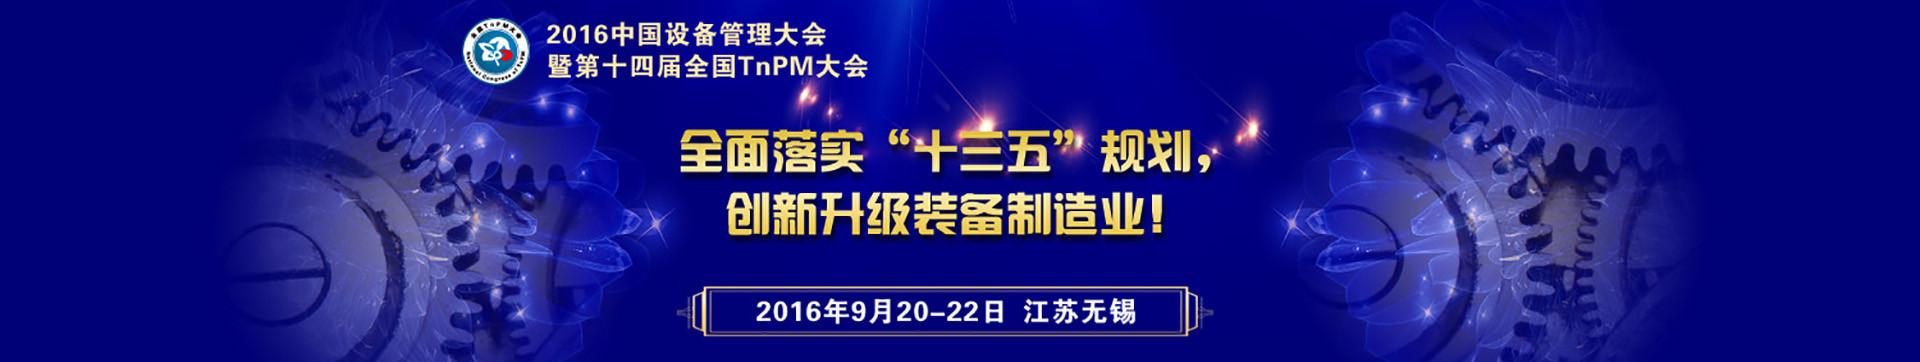 2016中国设备管理大会